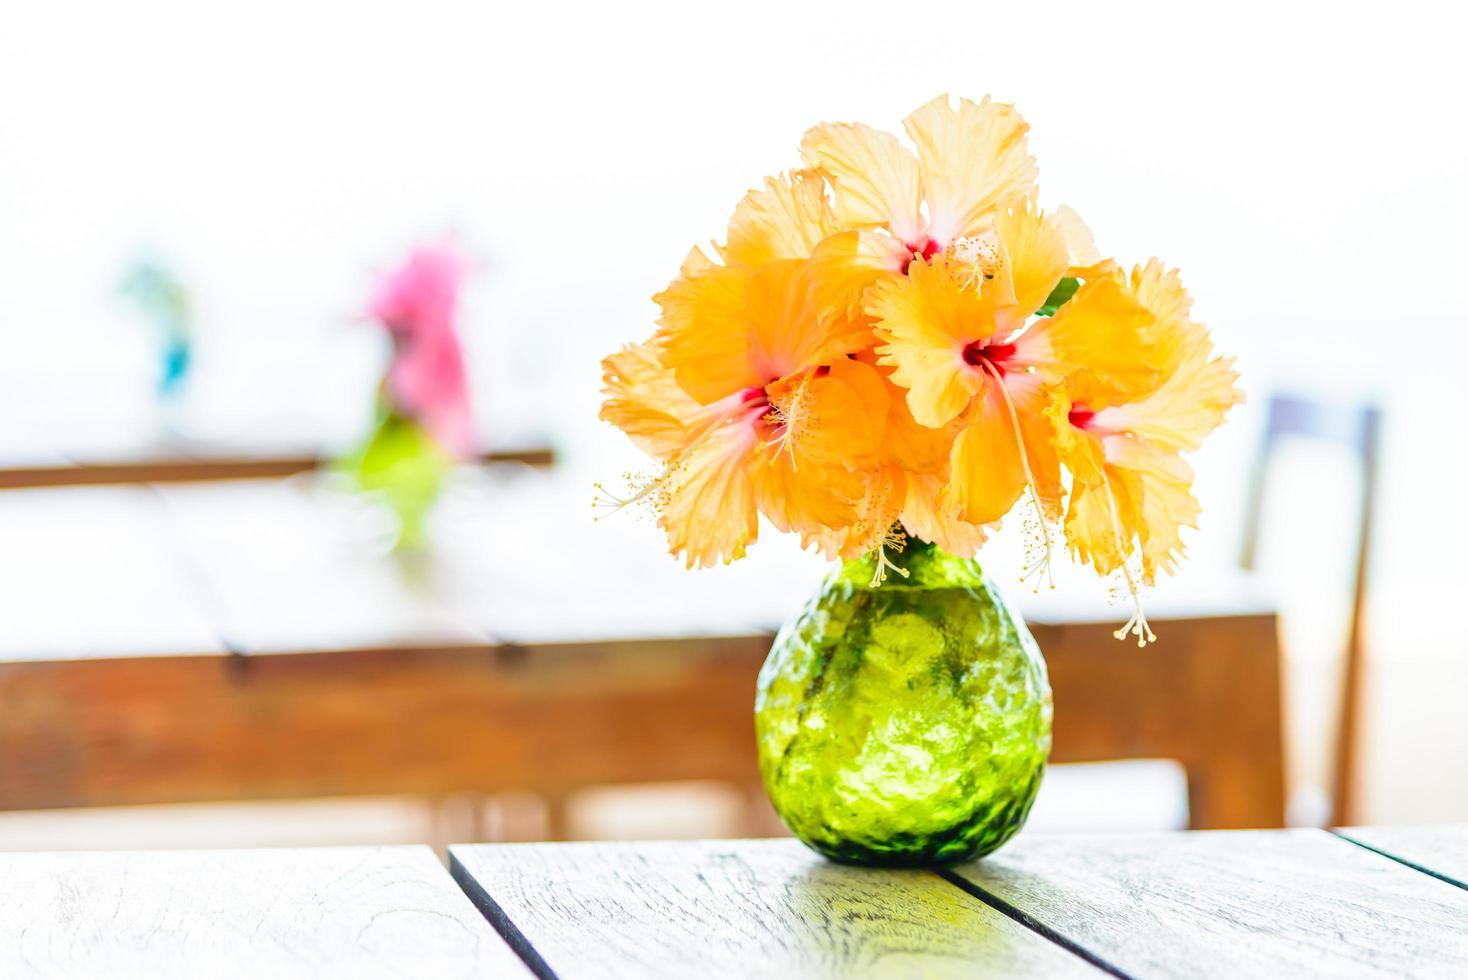 vase sur table en bois photo